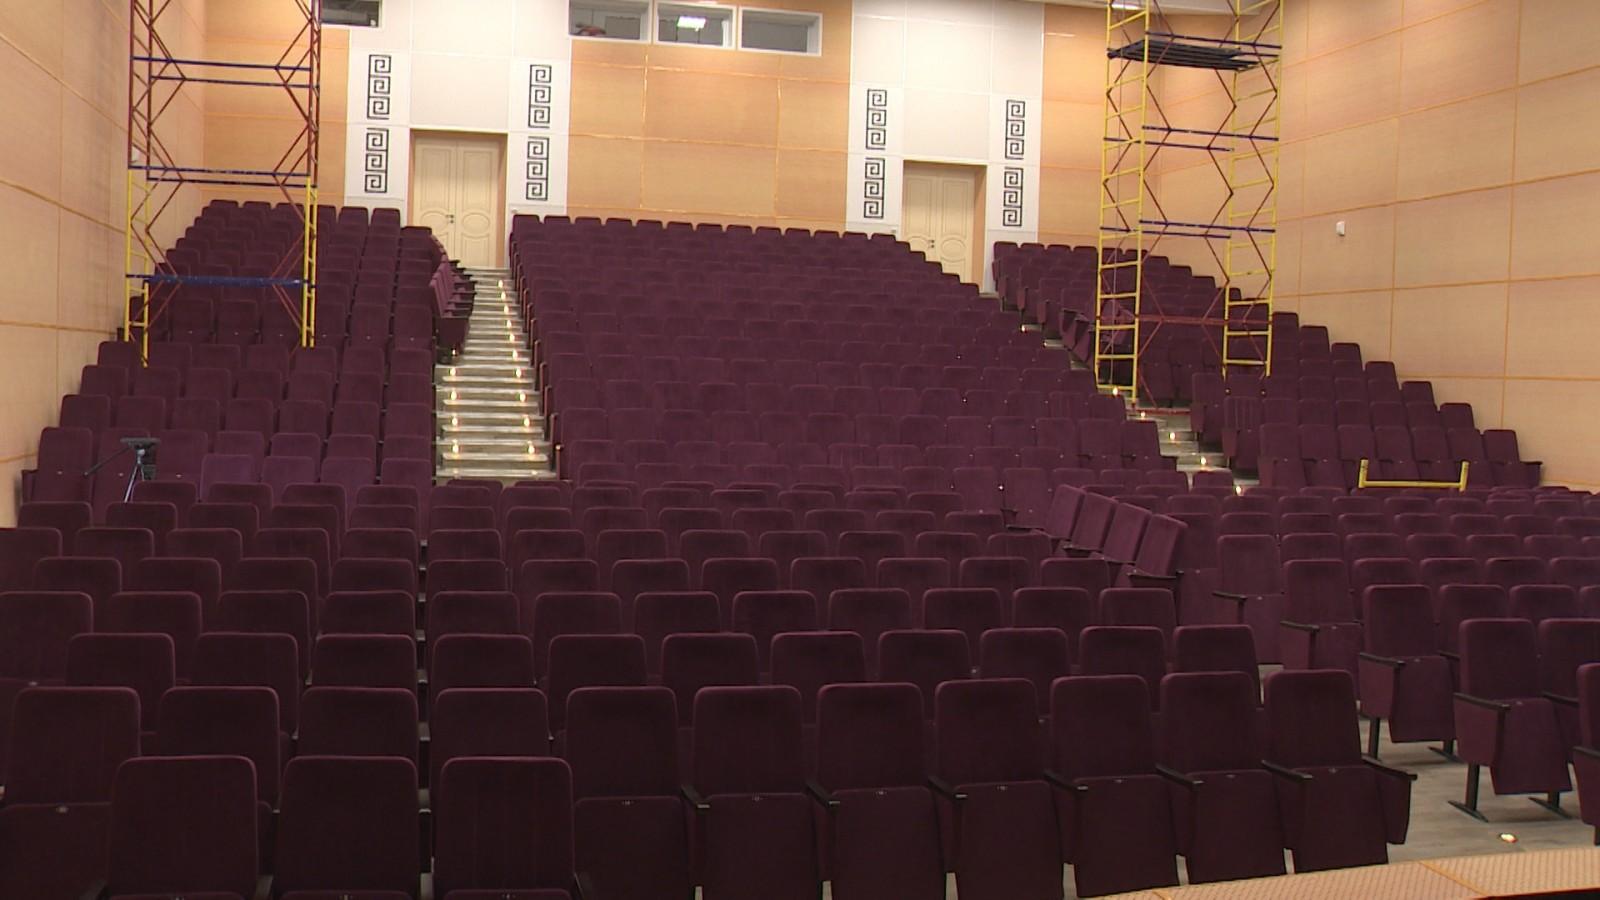 Ремонт главного концертного зала Калмыкии в завершающей стадии